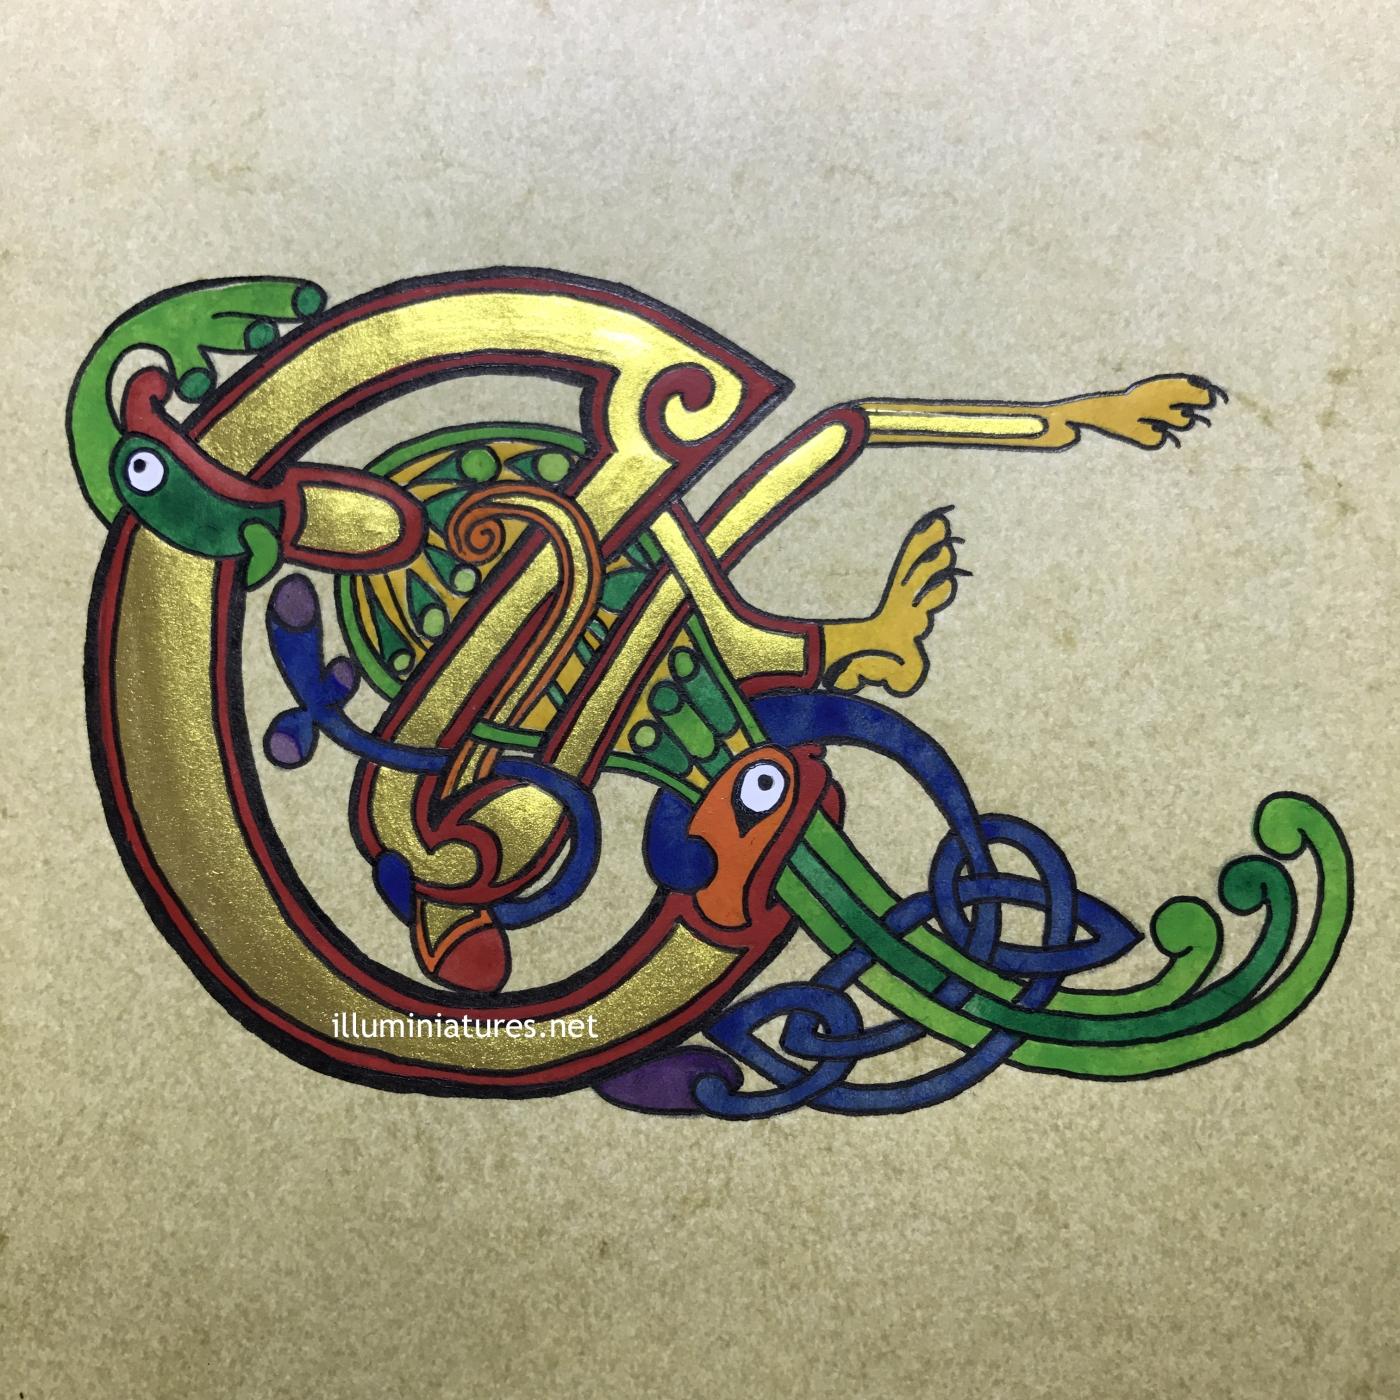 Celtic E initial from the Book of Kells / Initiale E celtique du Livre de Kells